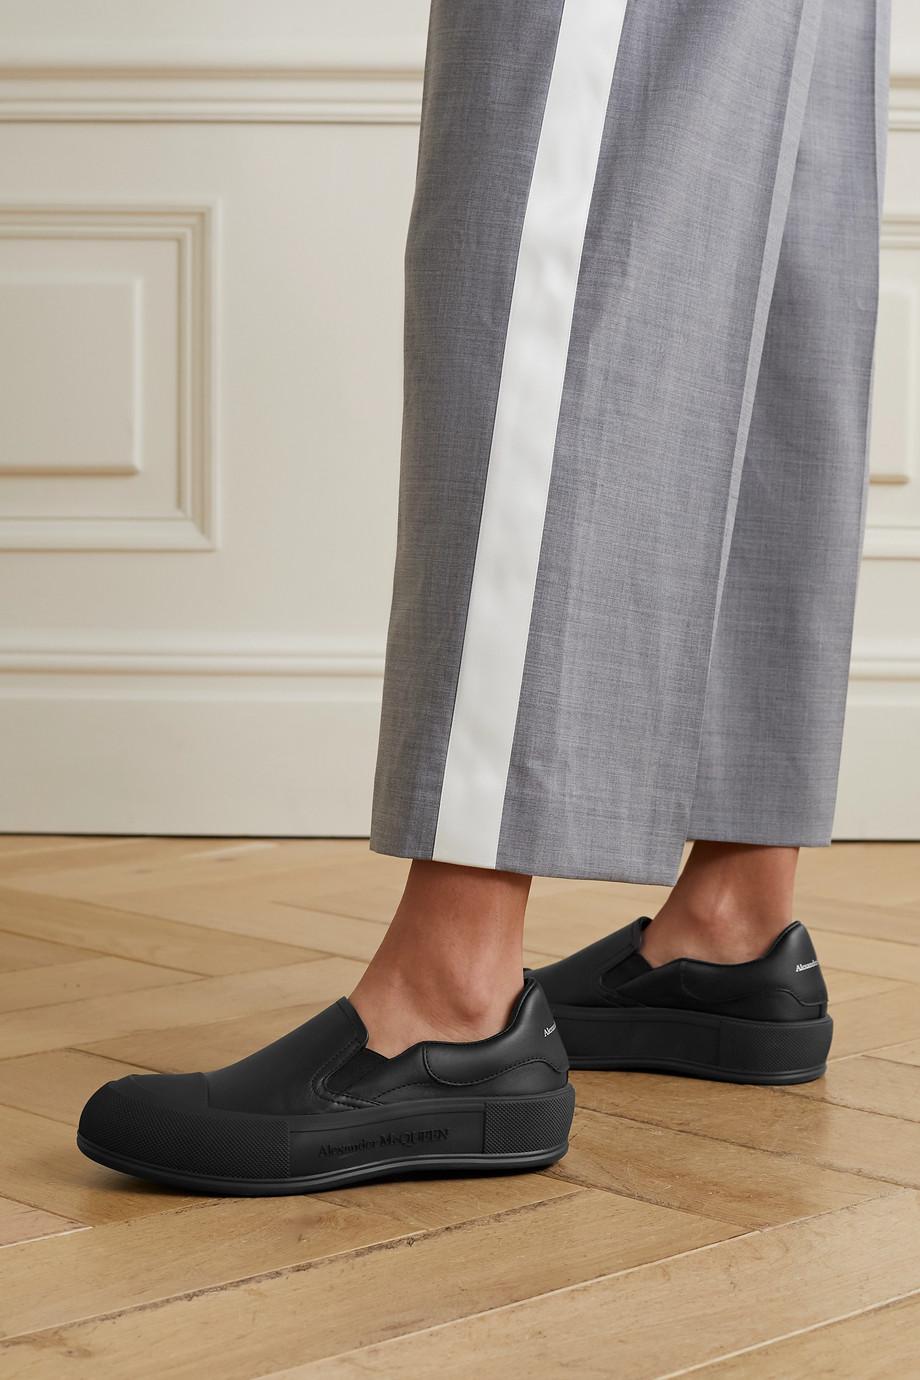 Alexander McQueen Slip-ons aus Leder mit überstehender Sohle